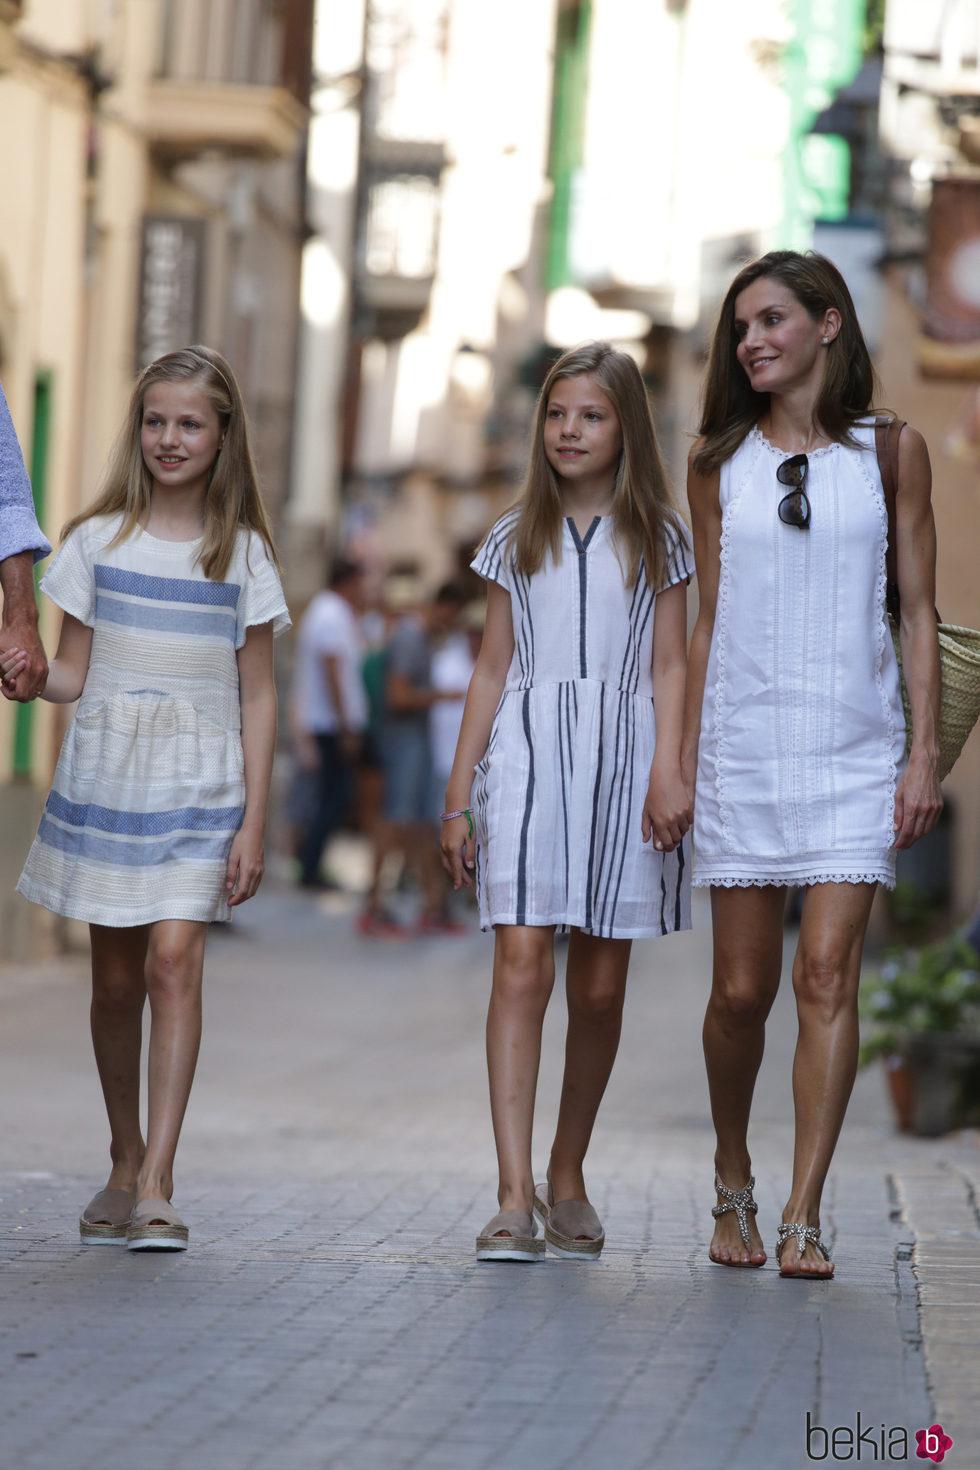 La Reina Letizia, la Princesa Leonor y la Infanta Sofía pasean por Sóller